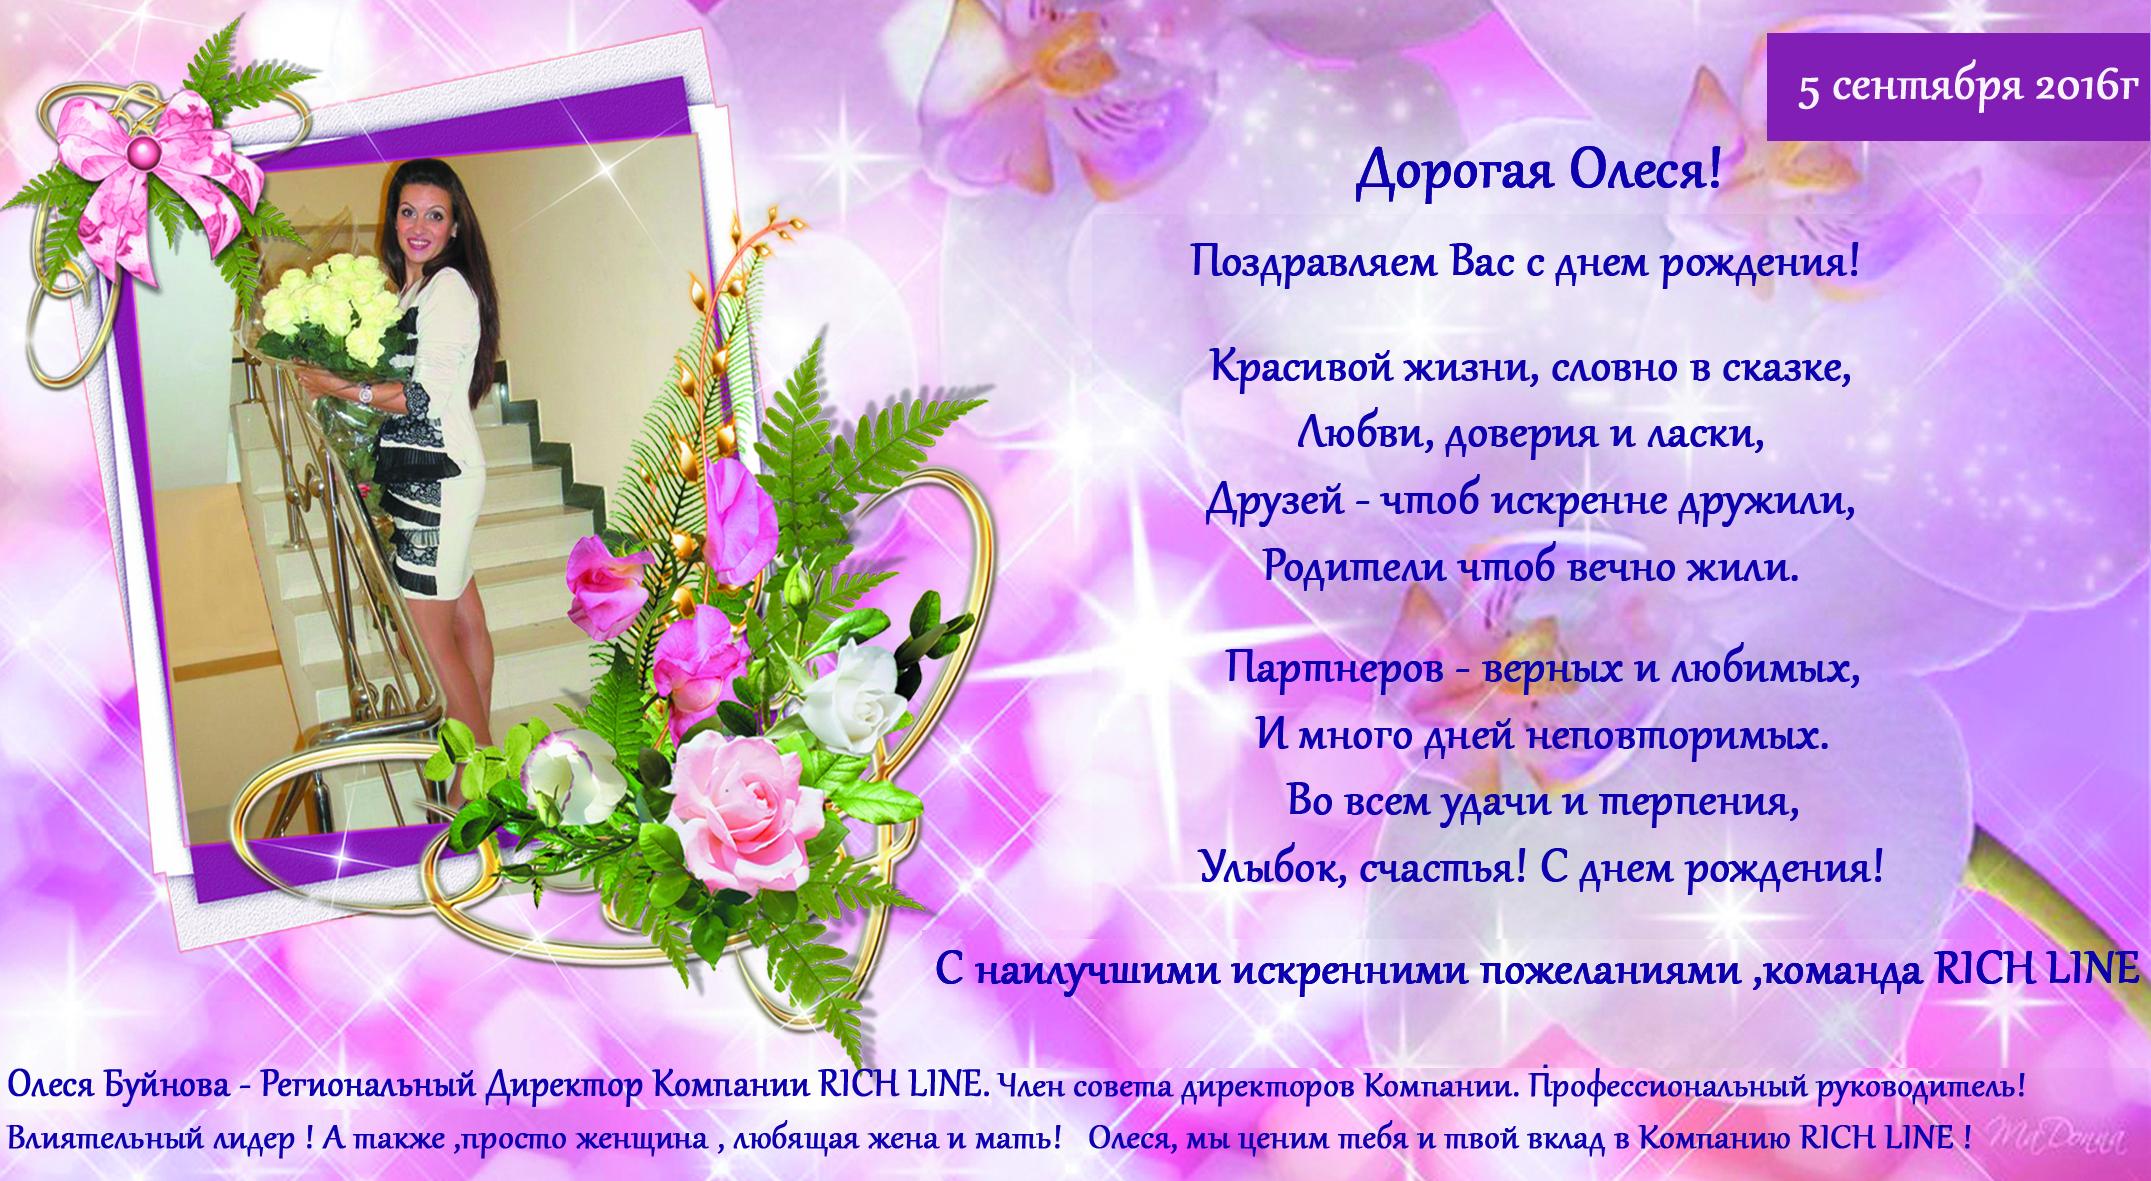 Поздравления с днем рождения Олесе 2